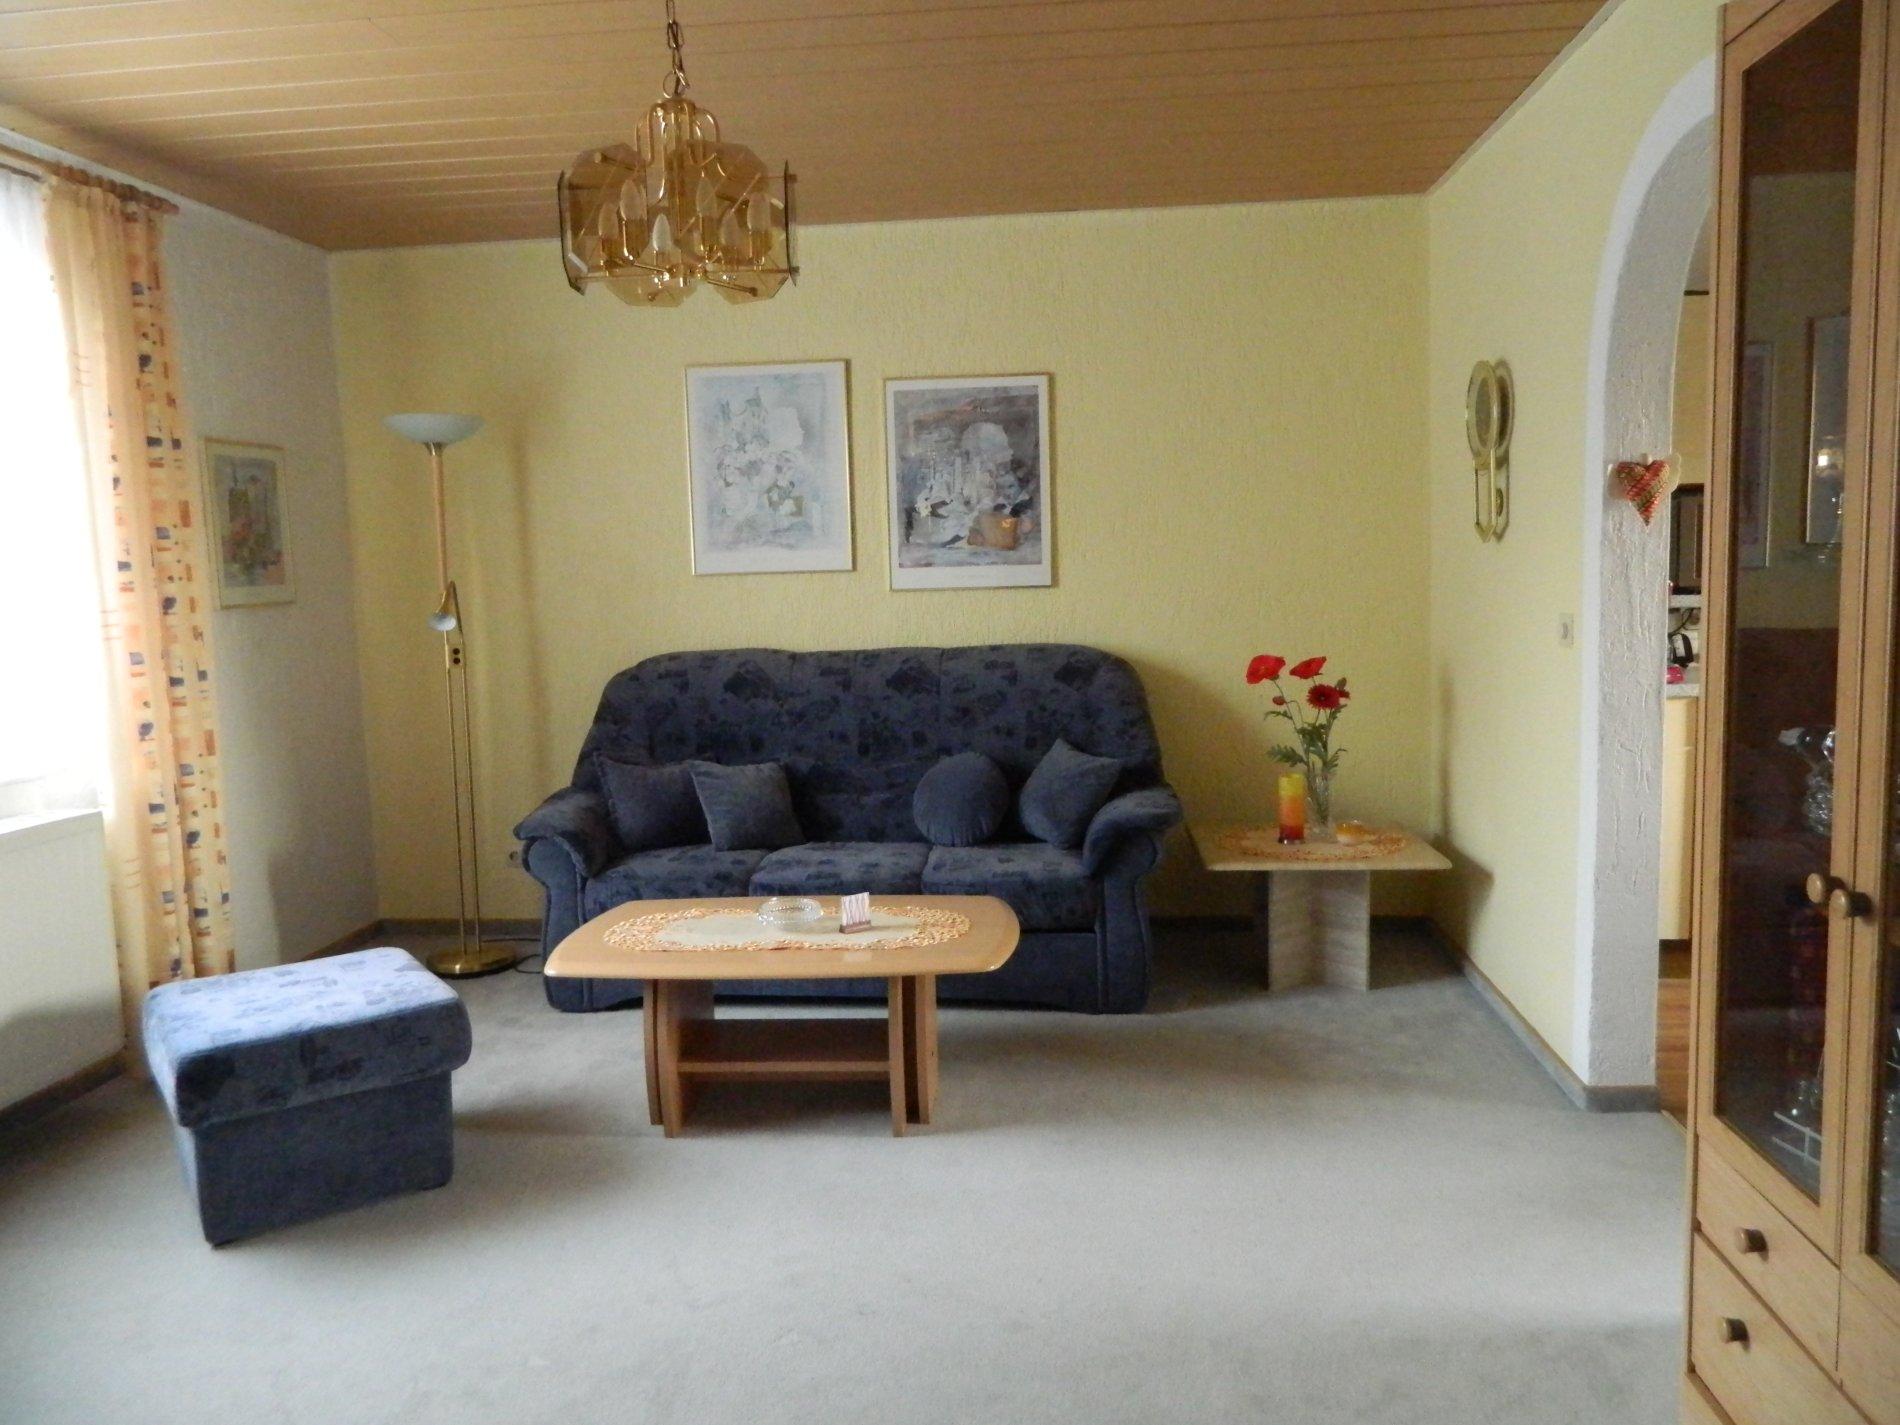 Wohnzimmer mit Sofa, Hocker, Couchtisch, Fenster und Schrank